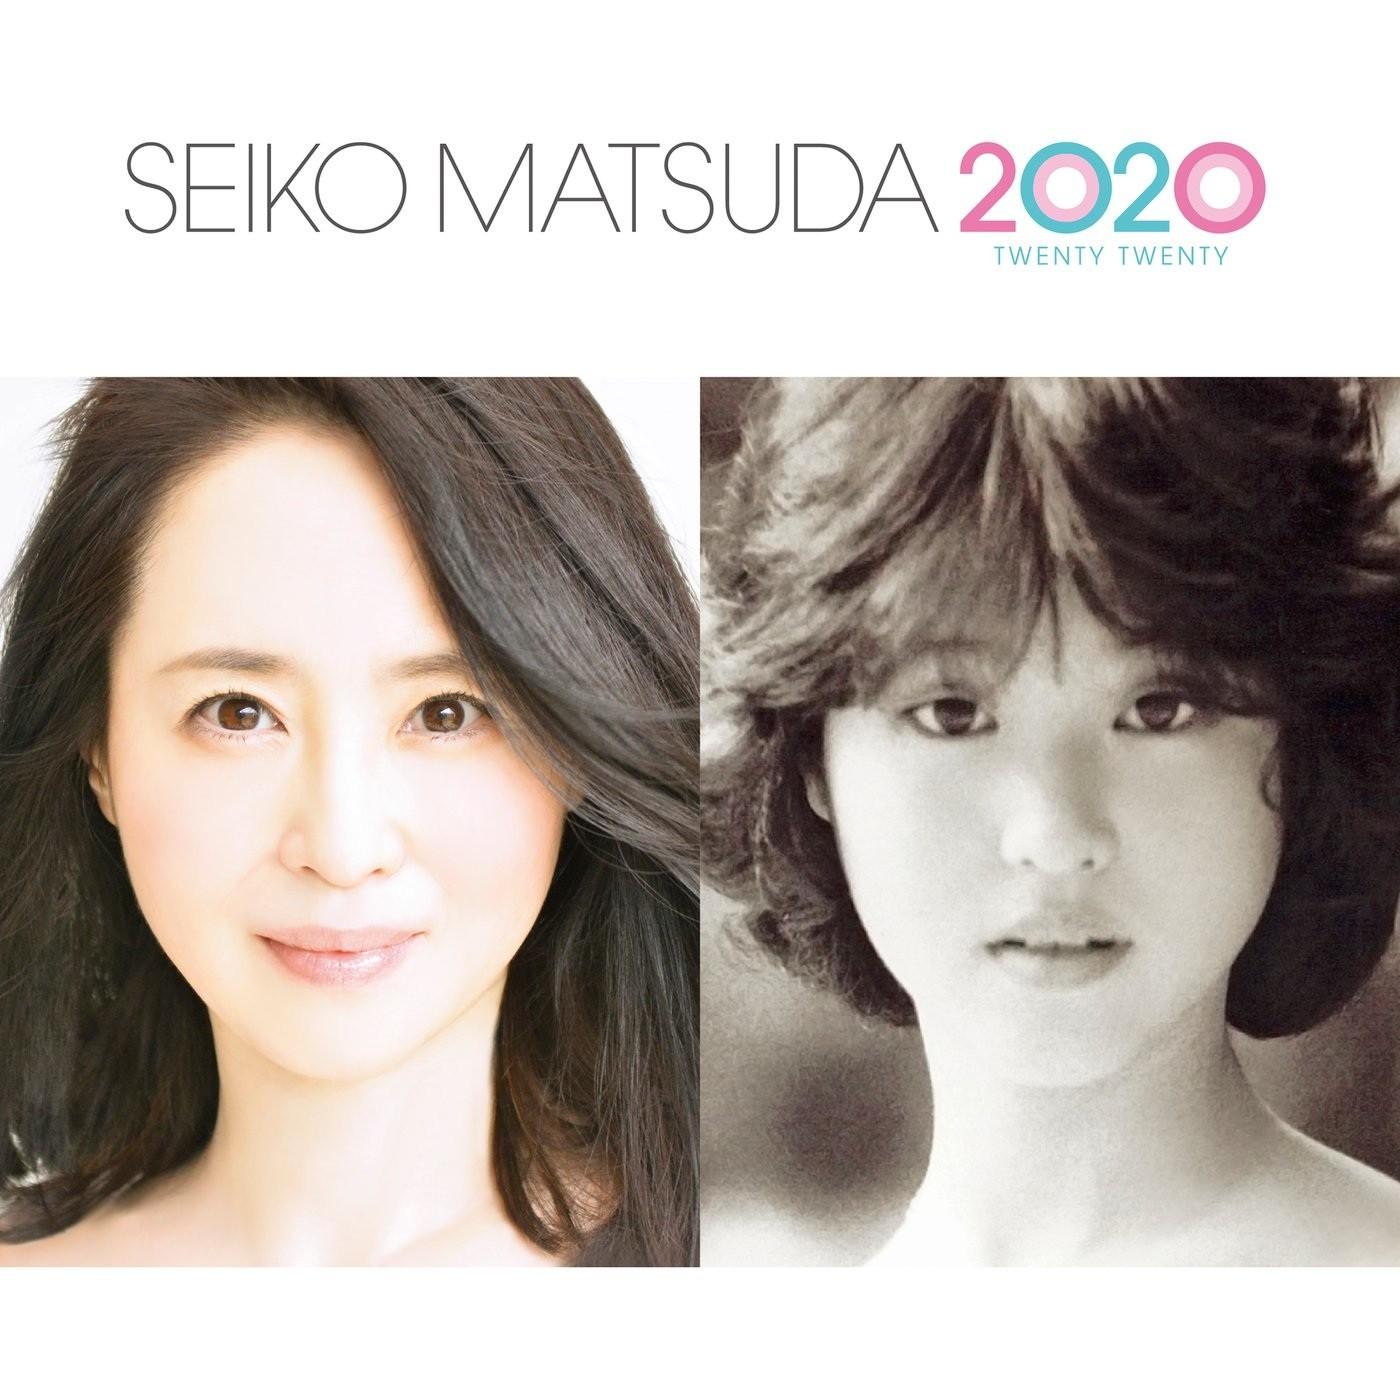 松田聖子 (Seiko Matsuda) – SEIKO MATSUDA 2020 [FLAC + MP3 320 / WEB] [2020.09.30]